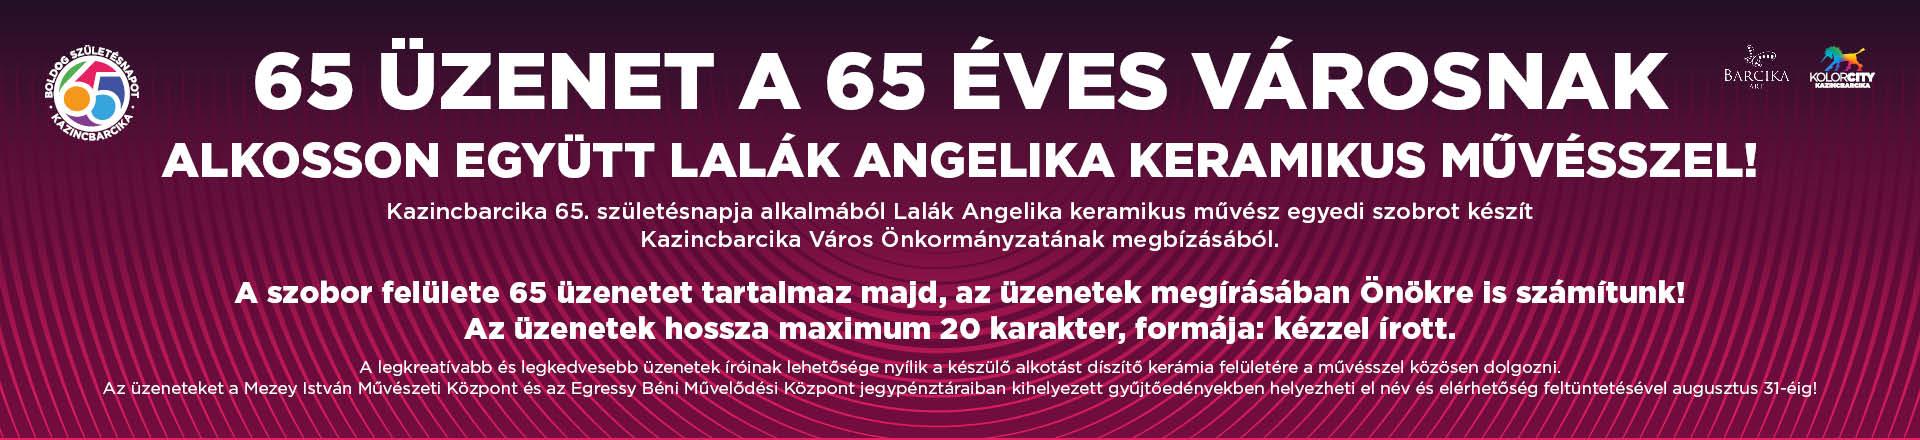 65 üzenet